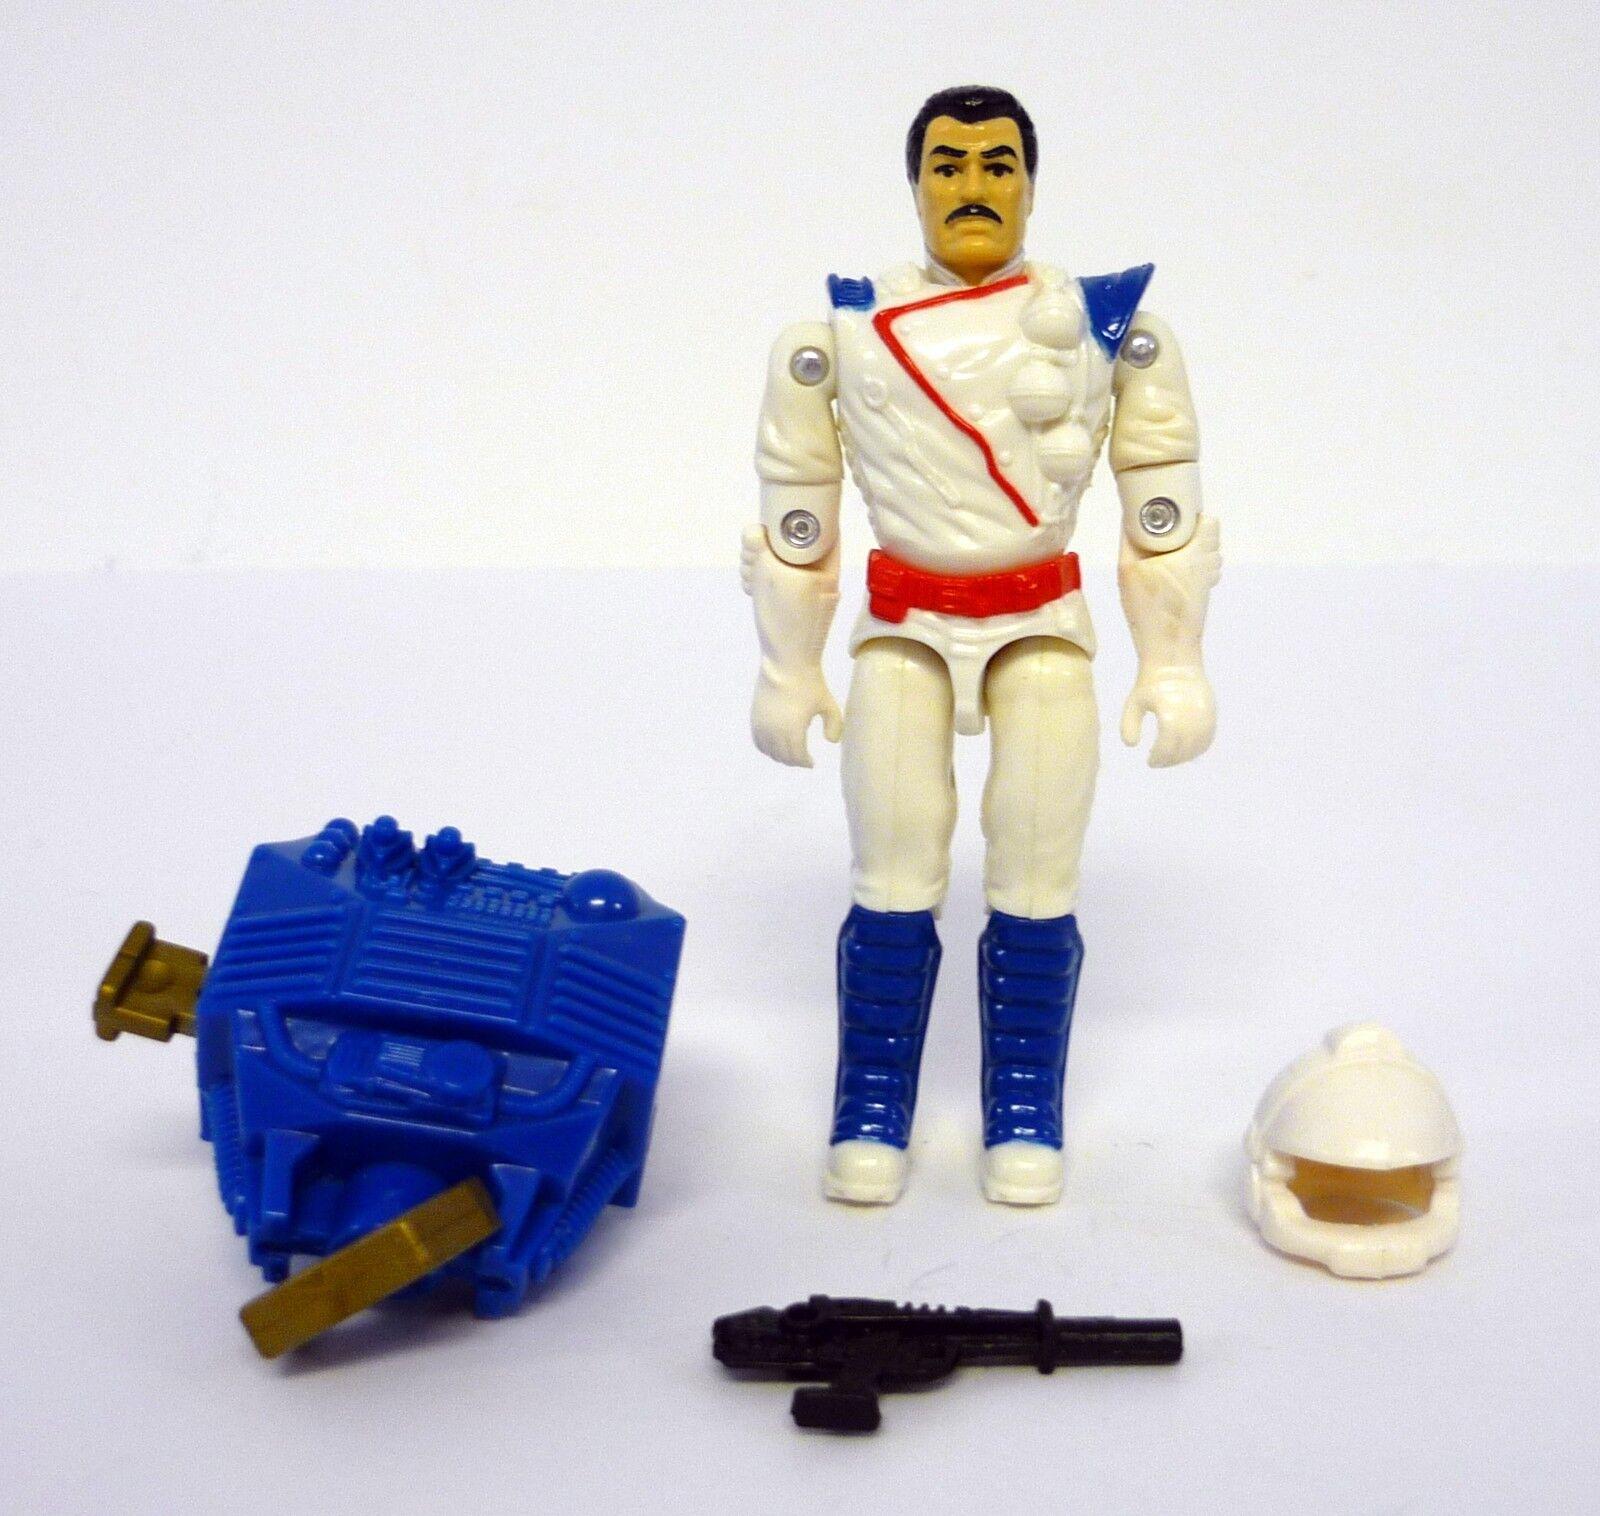 GI JOE SPACE SHOT Vintage Action Figure Star Brigade COMPLETE C9+ v1 1994